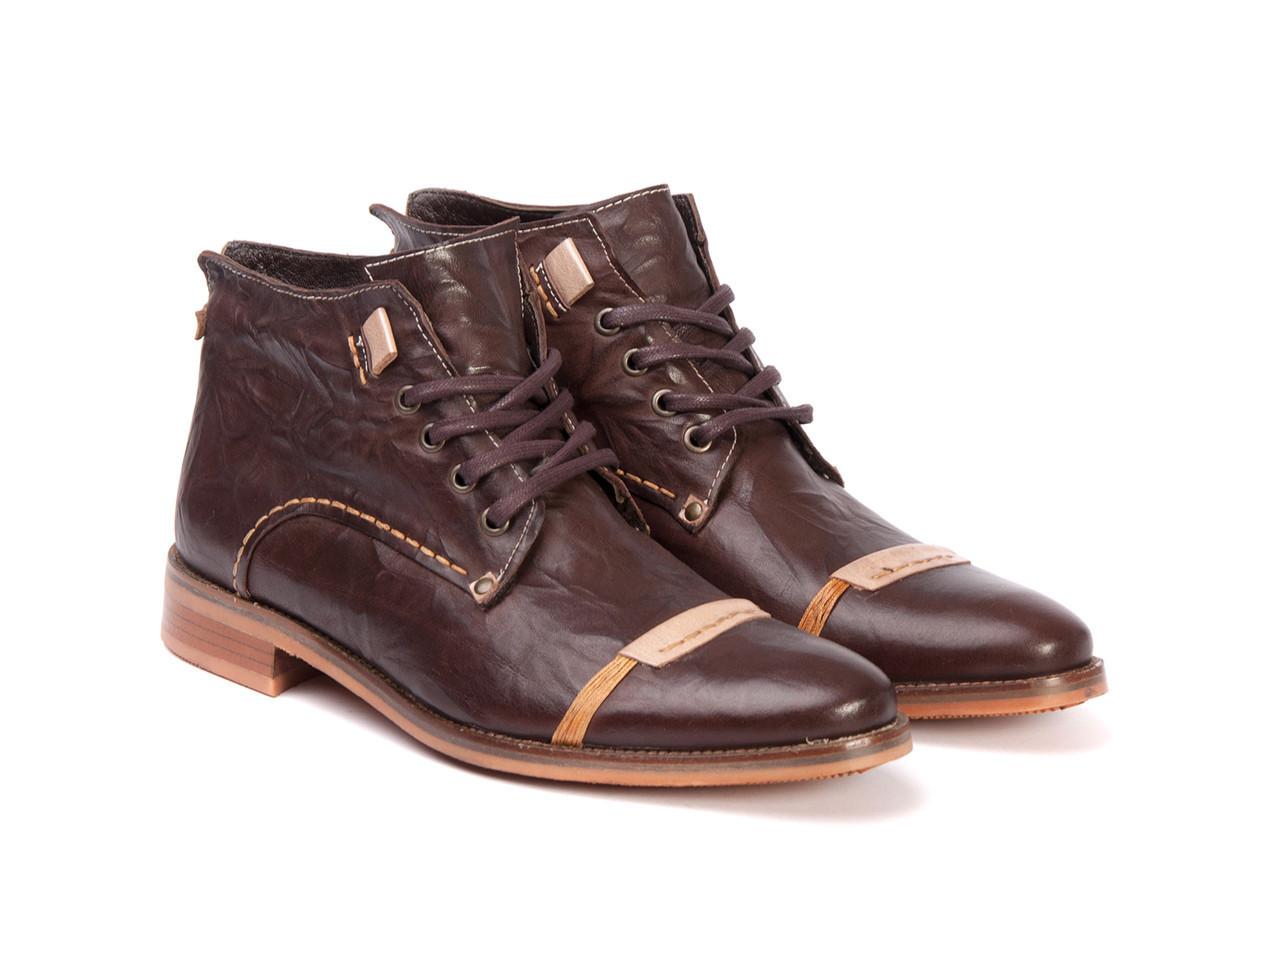 Ботинки Etor 4691-5377-03 40 коричневые